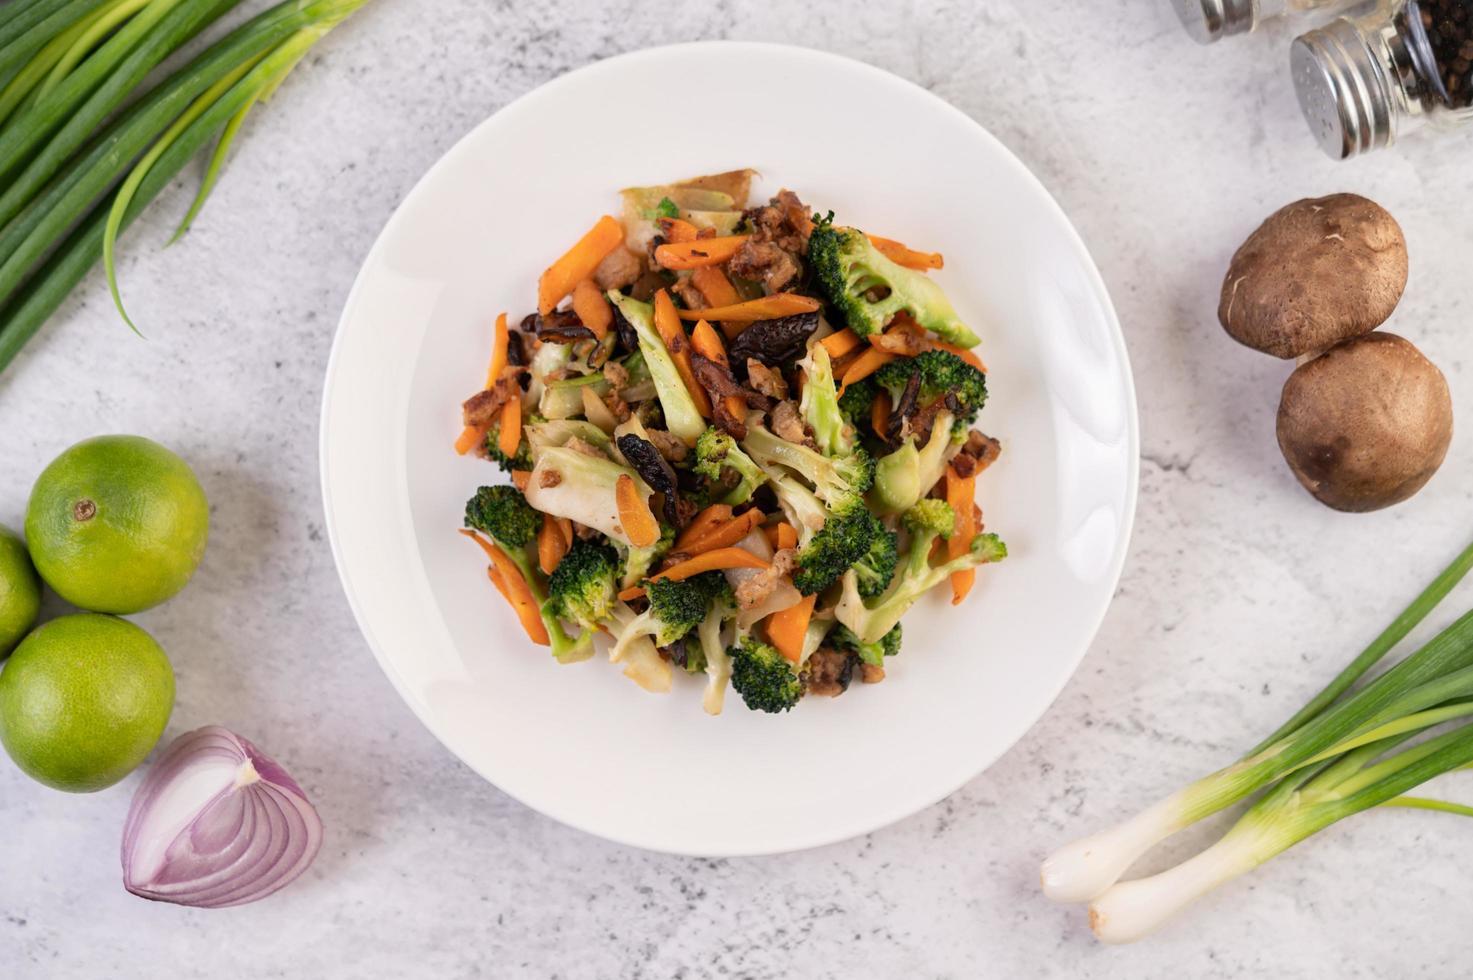 uppstekt broccoli, morötter och svamp med fläsk foto